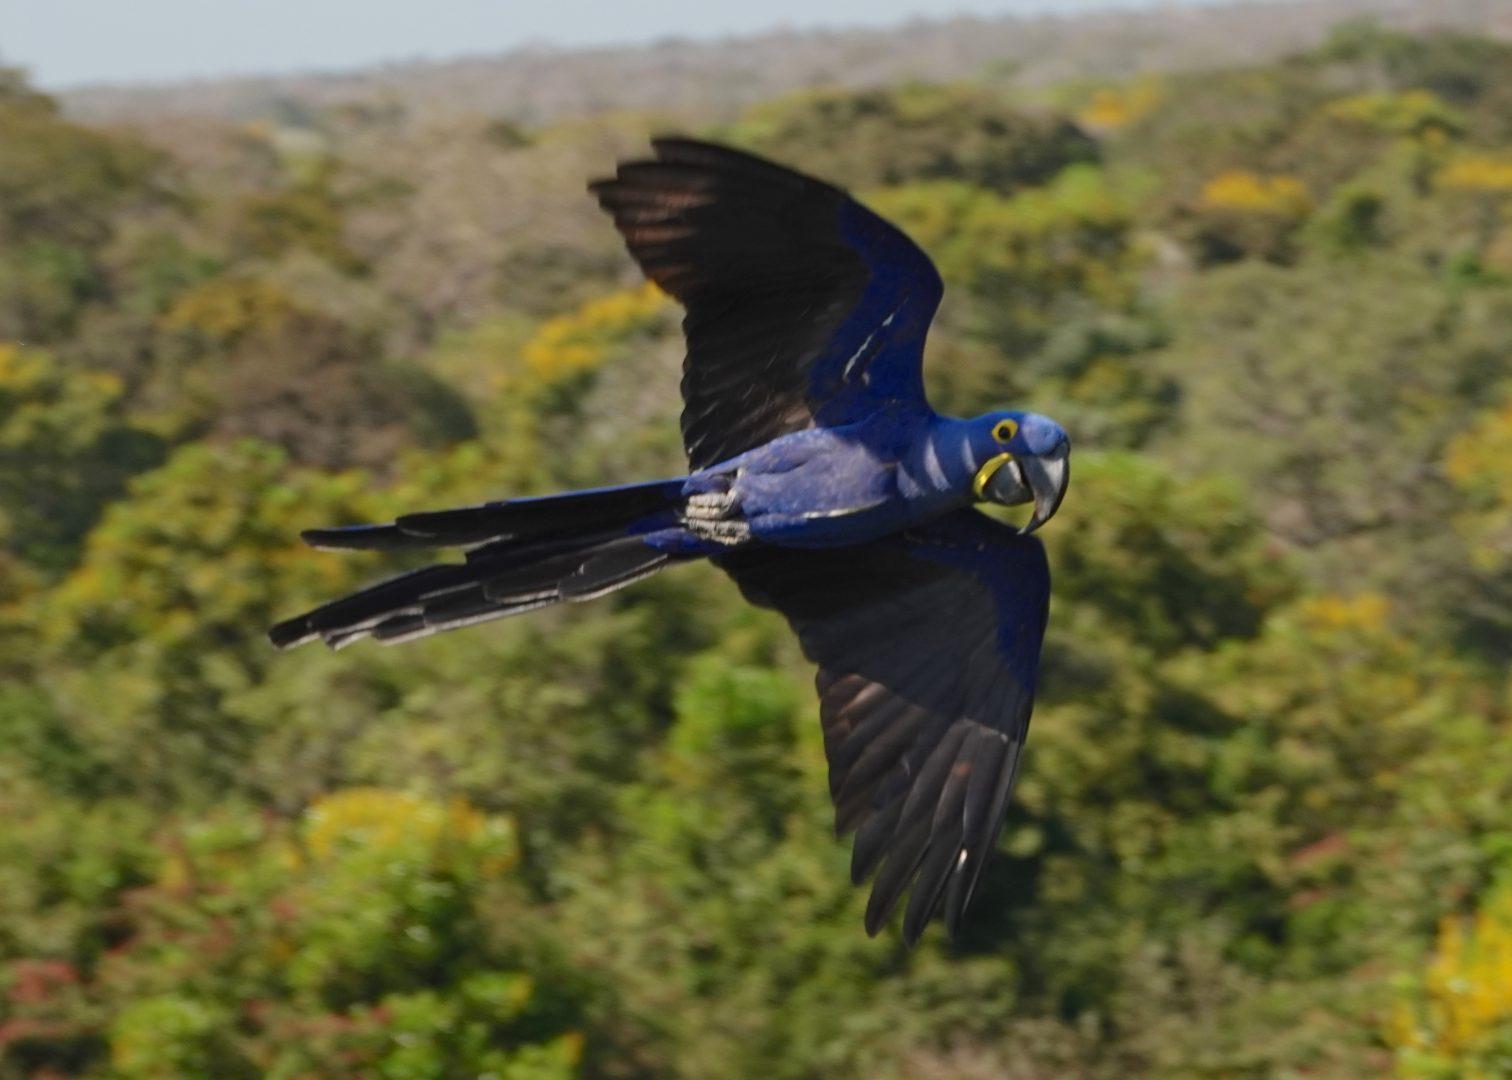 Hyacinth Macaw (photo credit John Uscian)